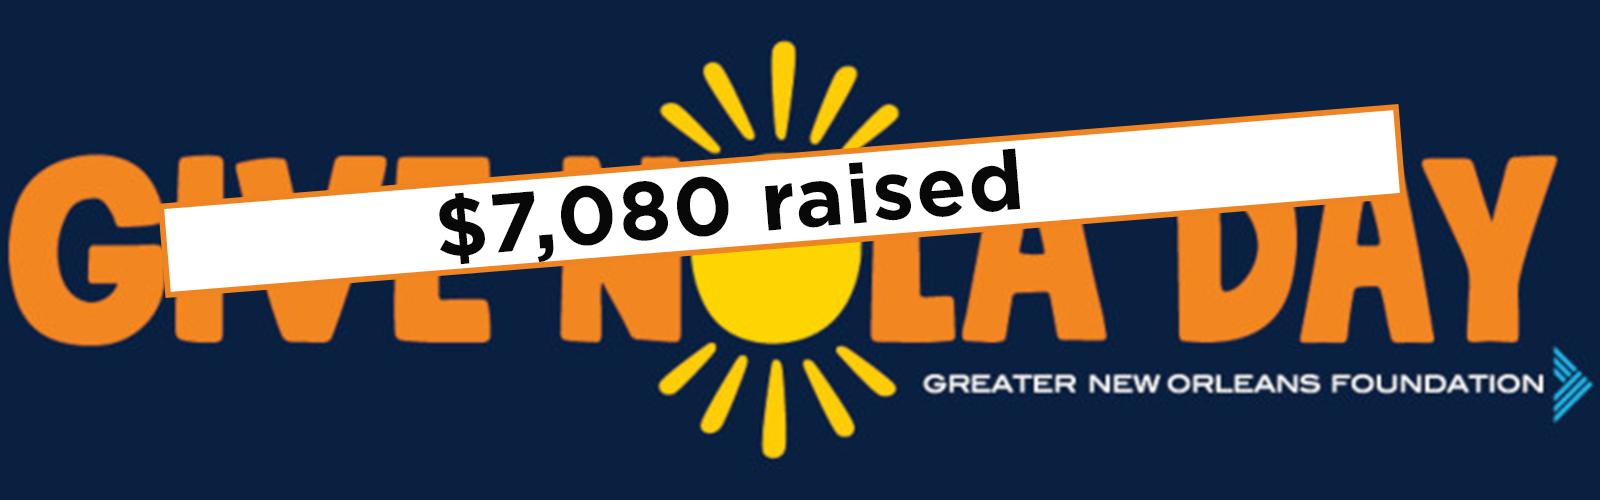 give-nola-THANK-YOU5